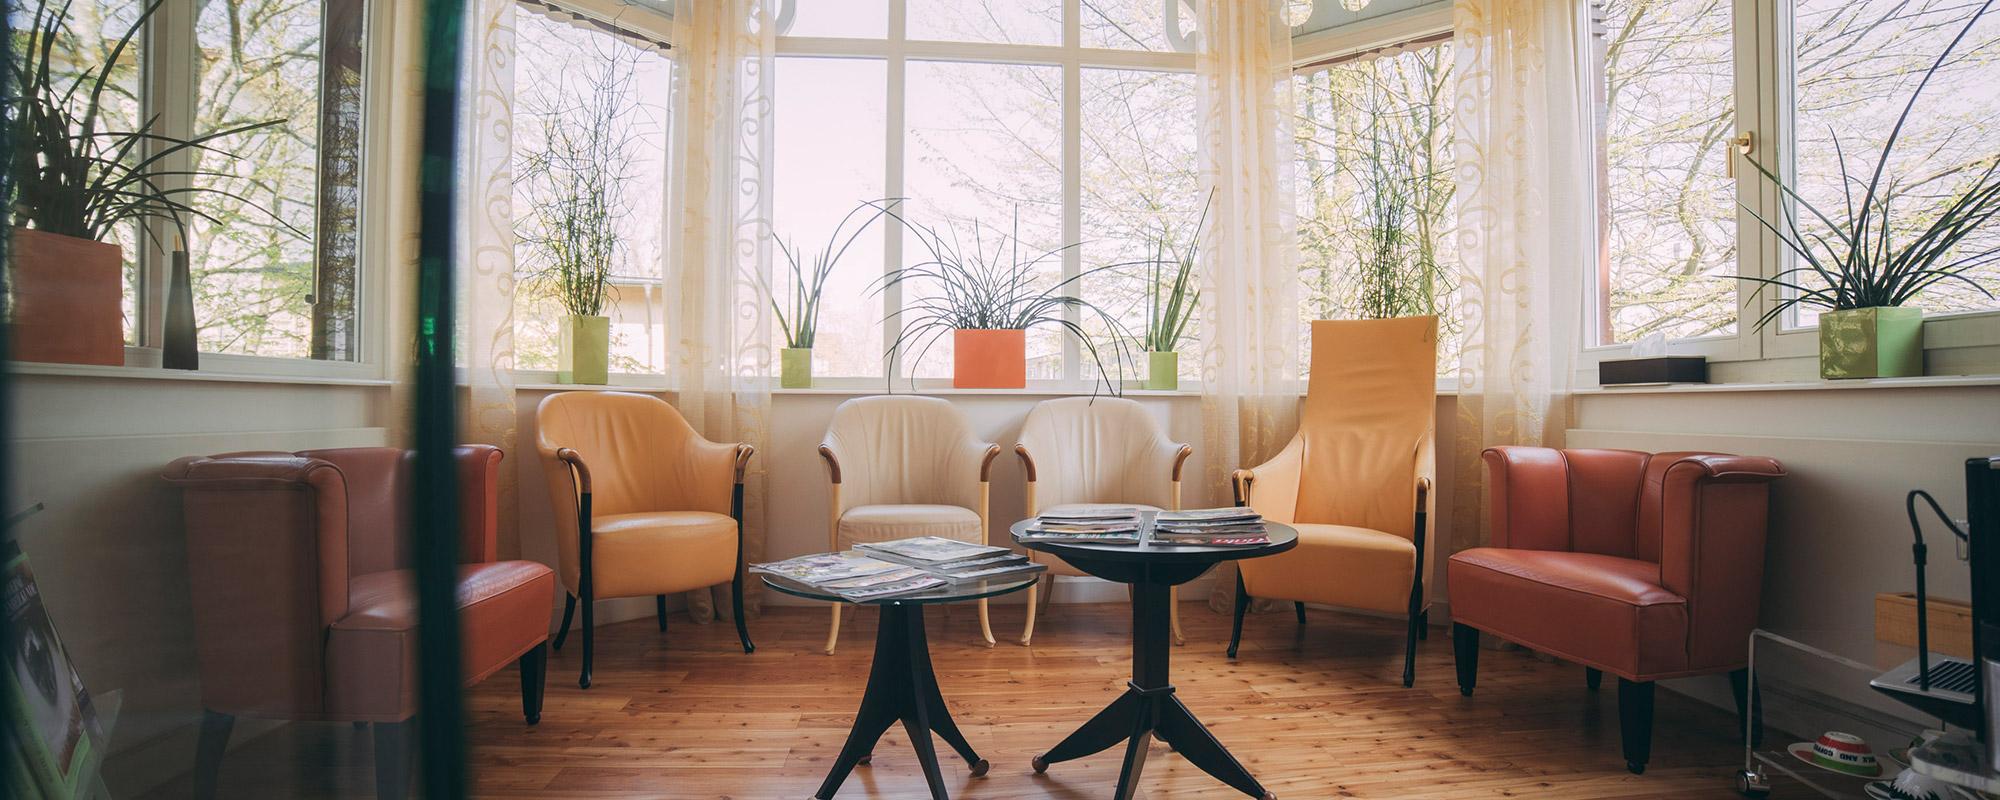 Im Wartezimmer der Villa Seldeneck fühlen sich Patienten von ZBB wohl.